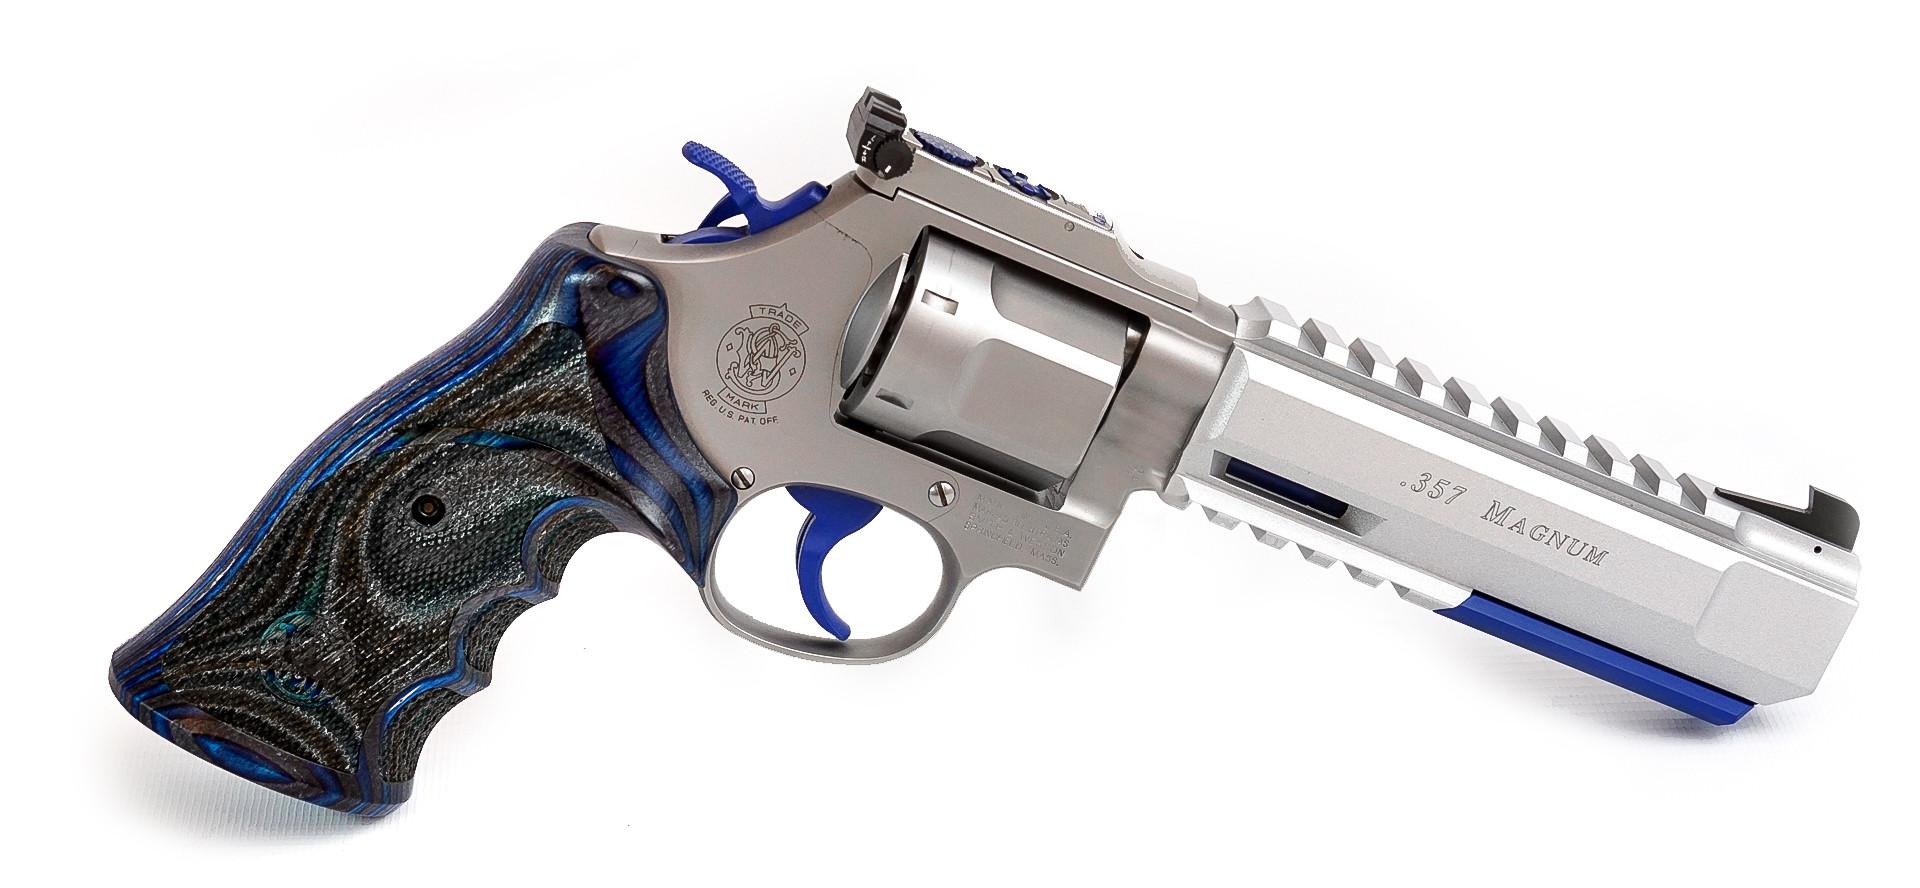 Revolver S&W 686 Target Champion X Limited 6 Zoll .357 Mag. Waffenstube Thalkirchen München Bayern Deutschland